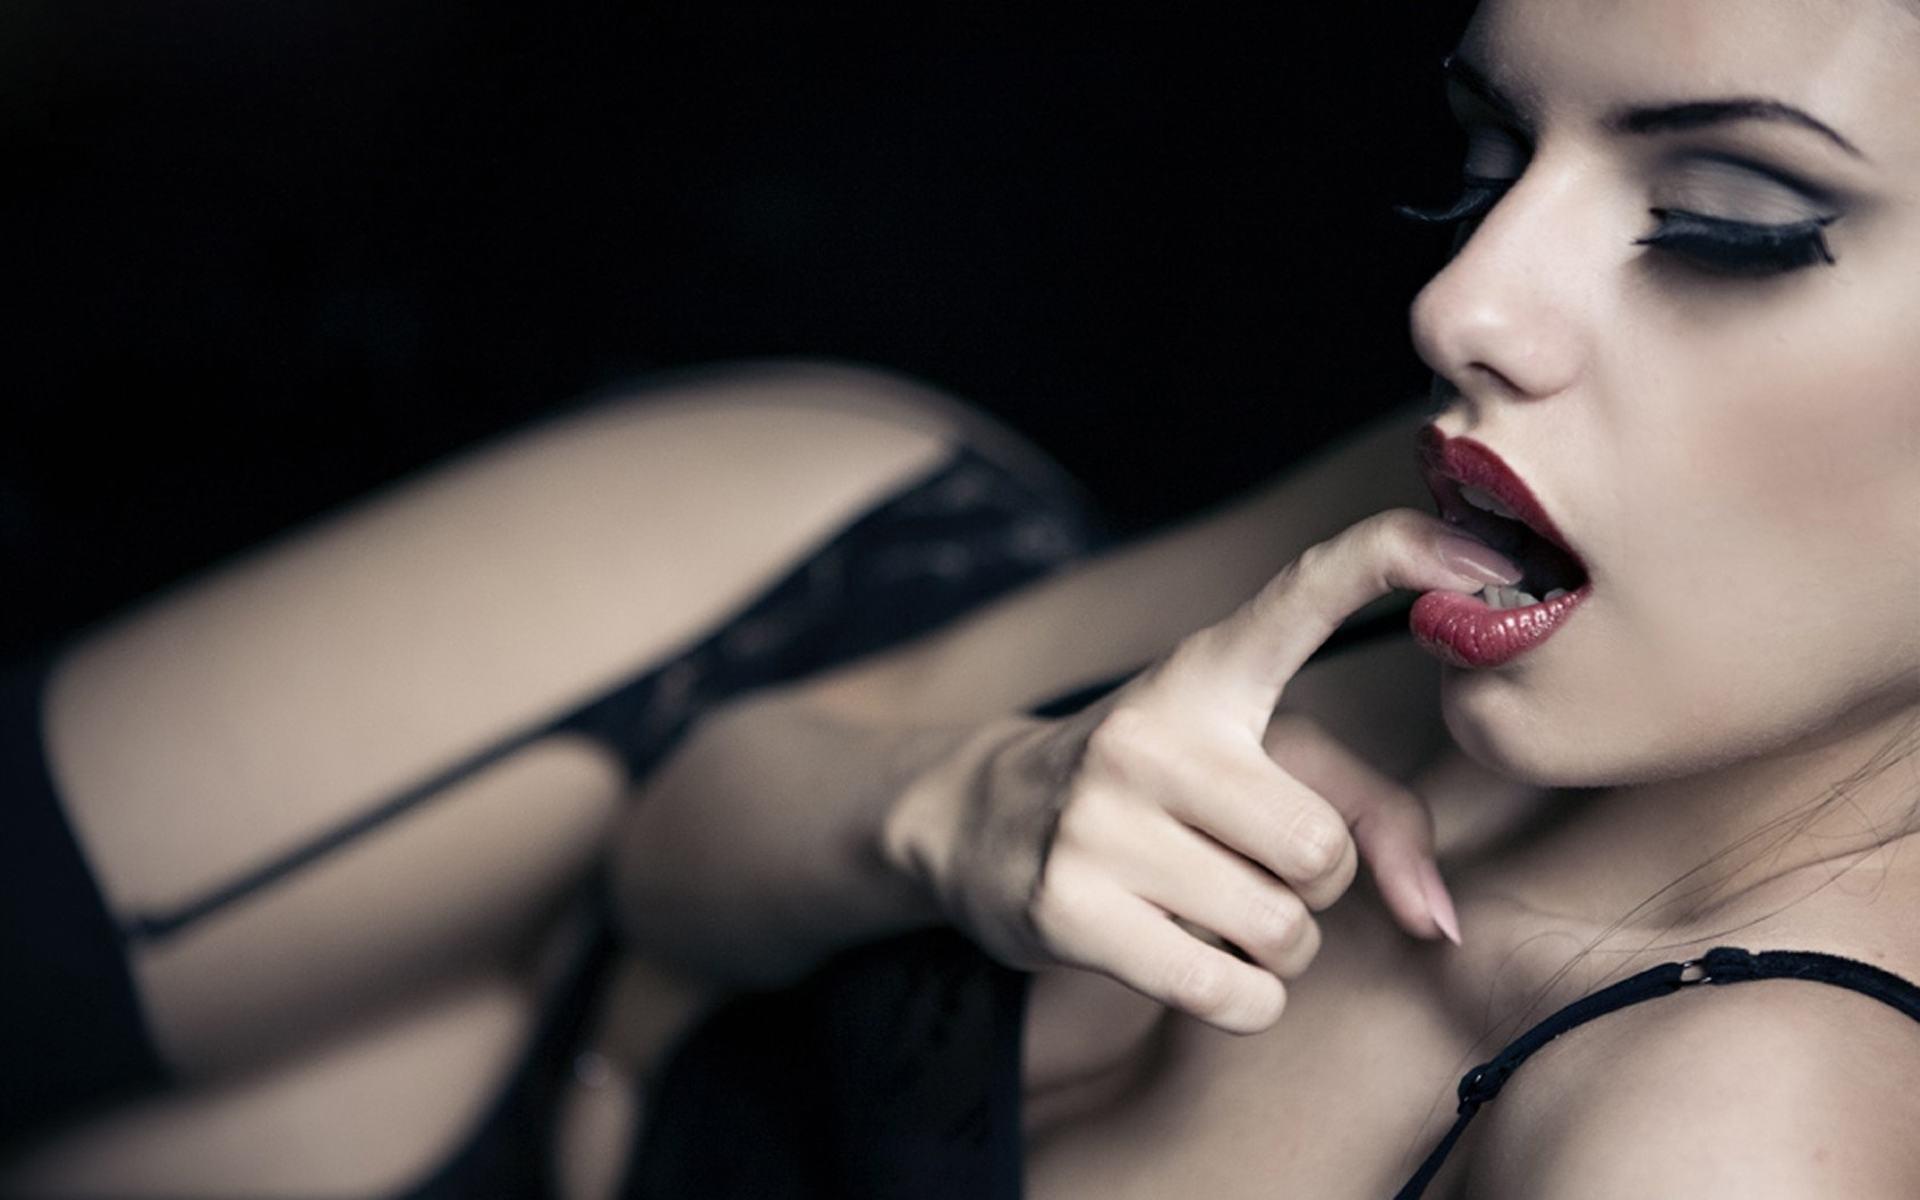 Самые сексуальные губы фото 22 фотография